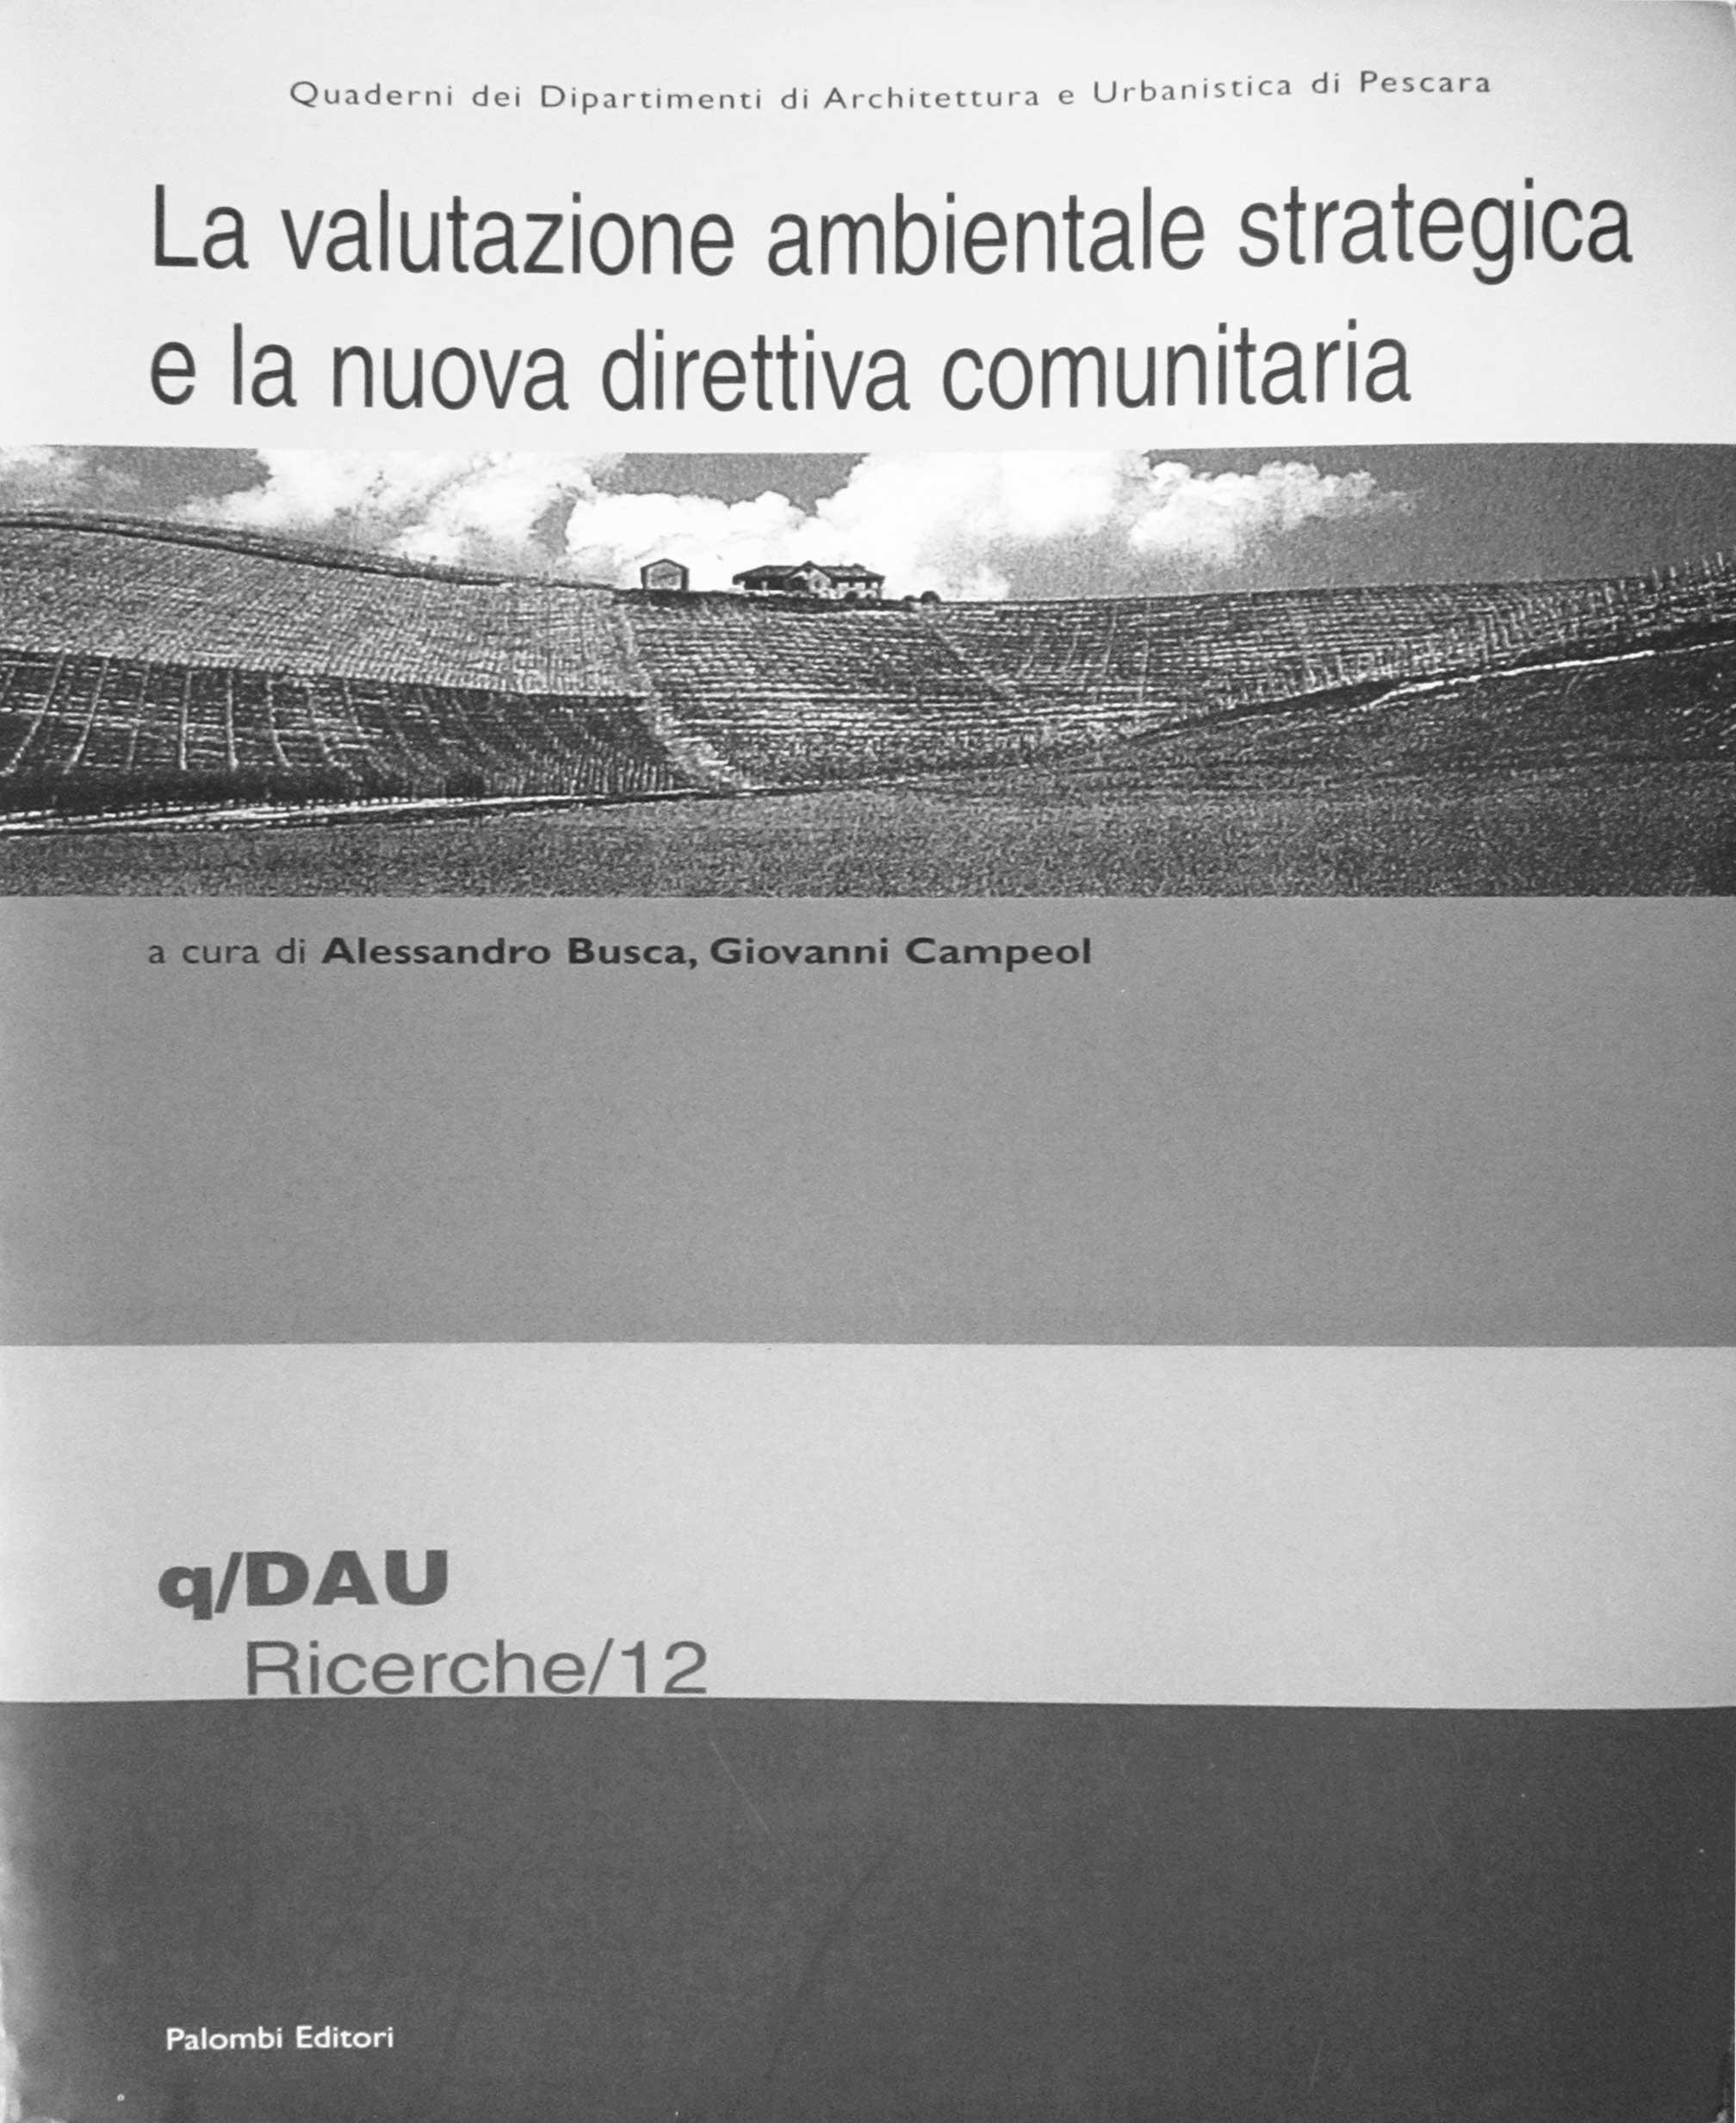 12 - La valutazione ambientale strategica e la nuova direttiva comunitaria, Fratelli Palombi Editori, Roma 2002; con G. Campeol - Copertina